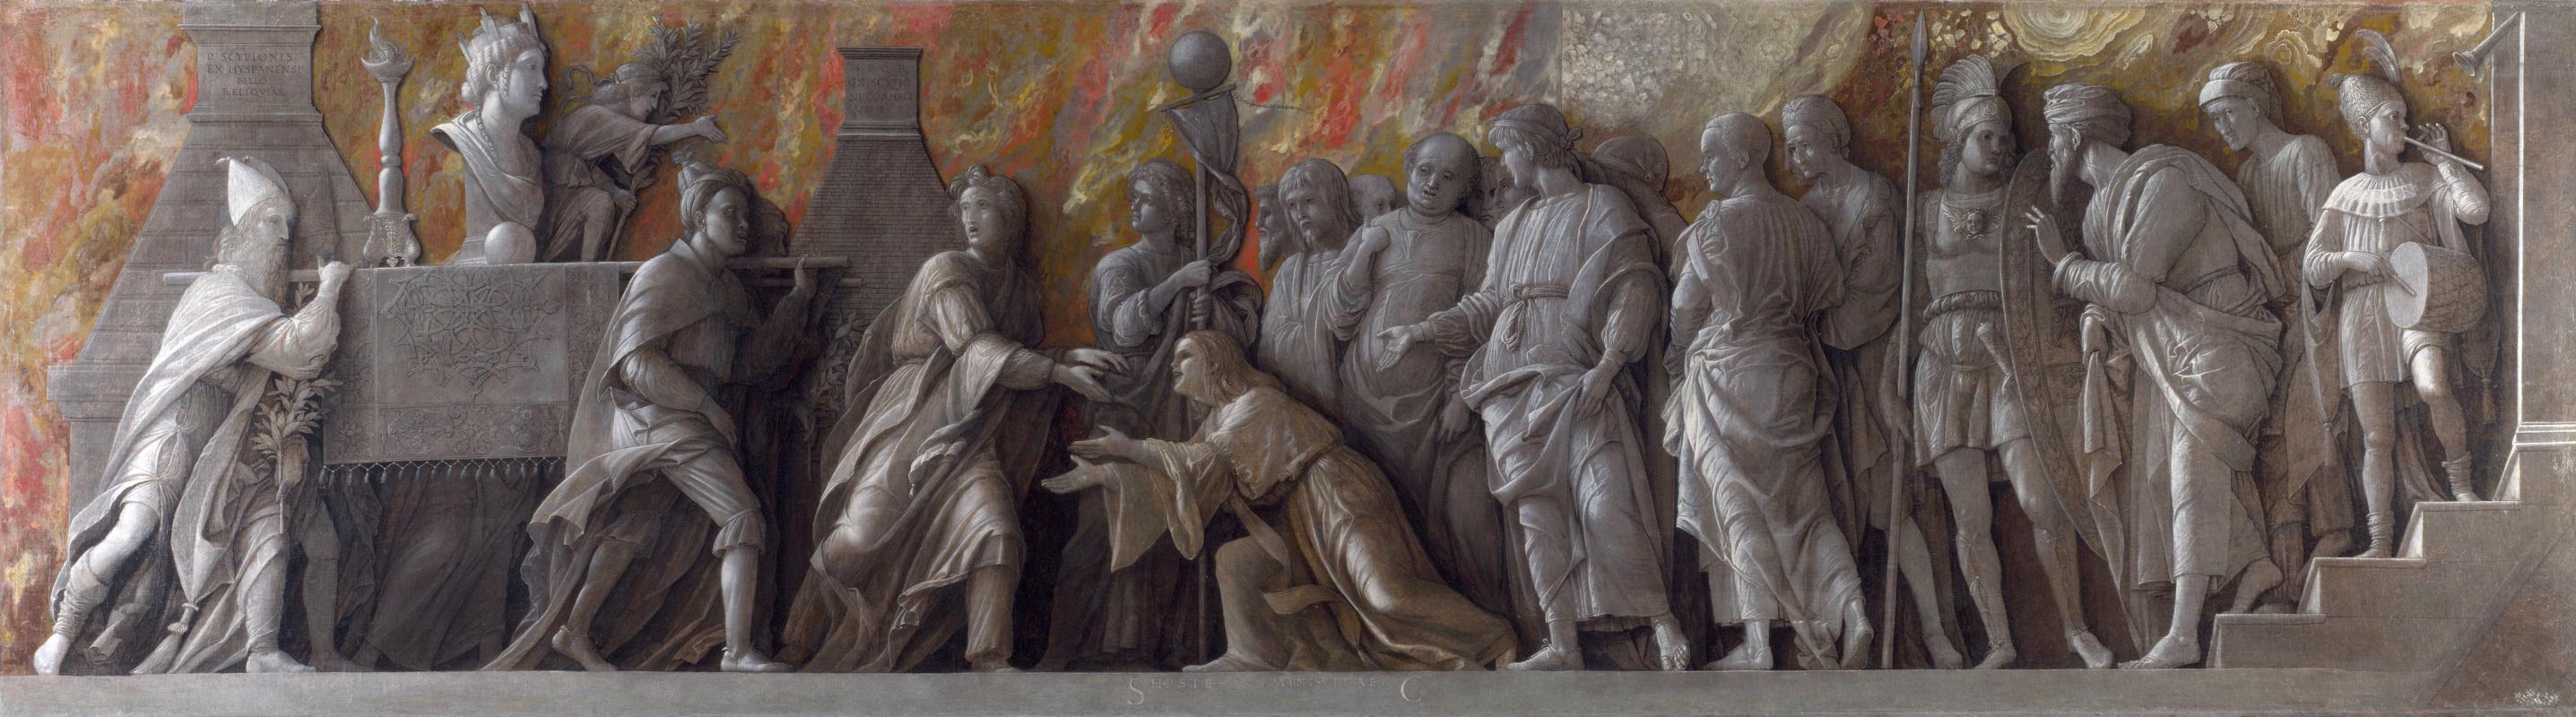 Андреа Мантенья. Введение культа Кибелы в Риме